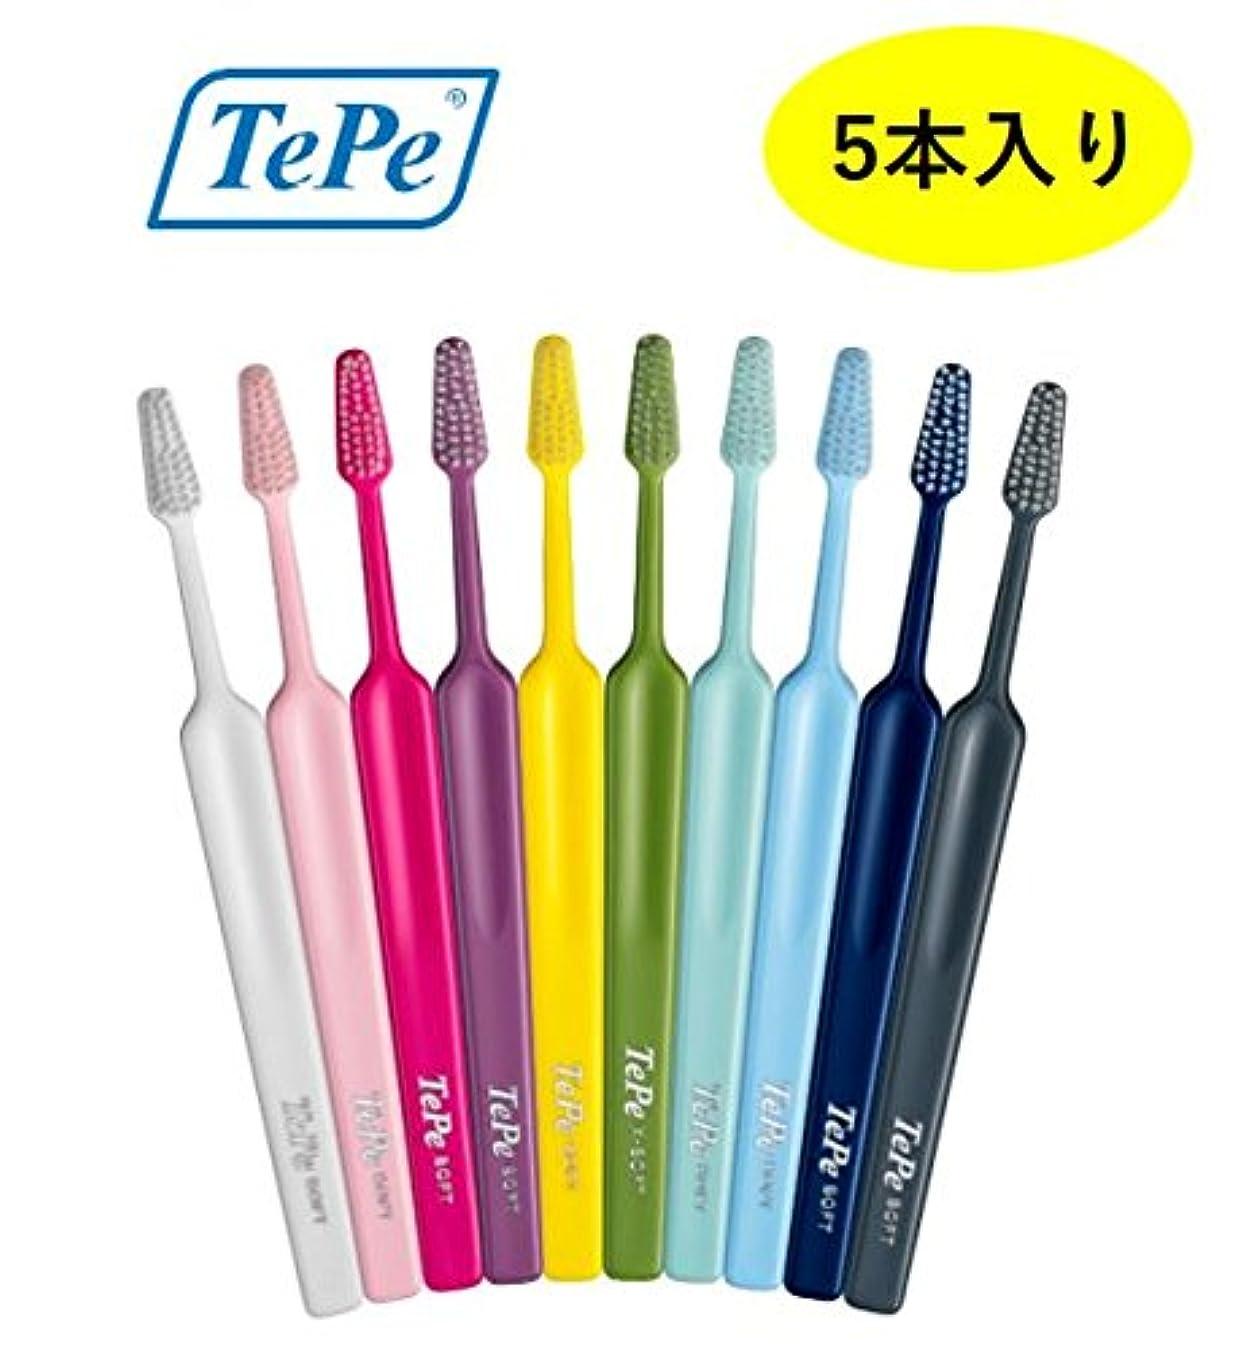 実用的好きであるケイ素テペ ミディアム 5本 ブリスターパック TePe